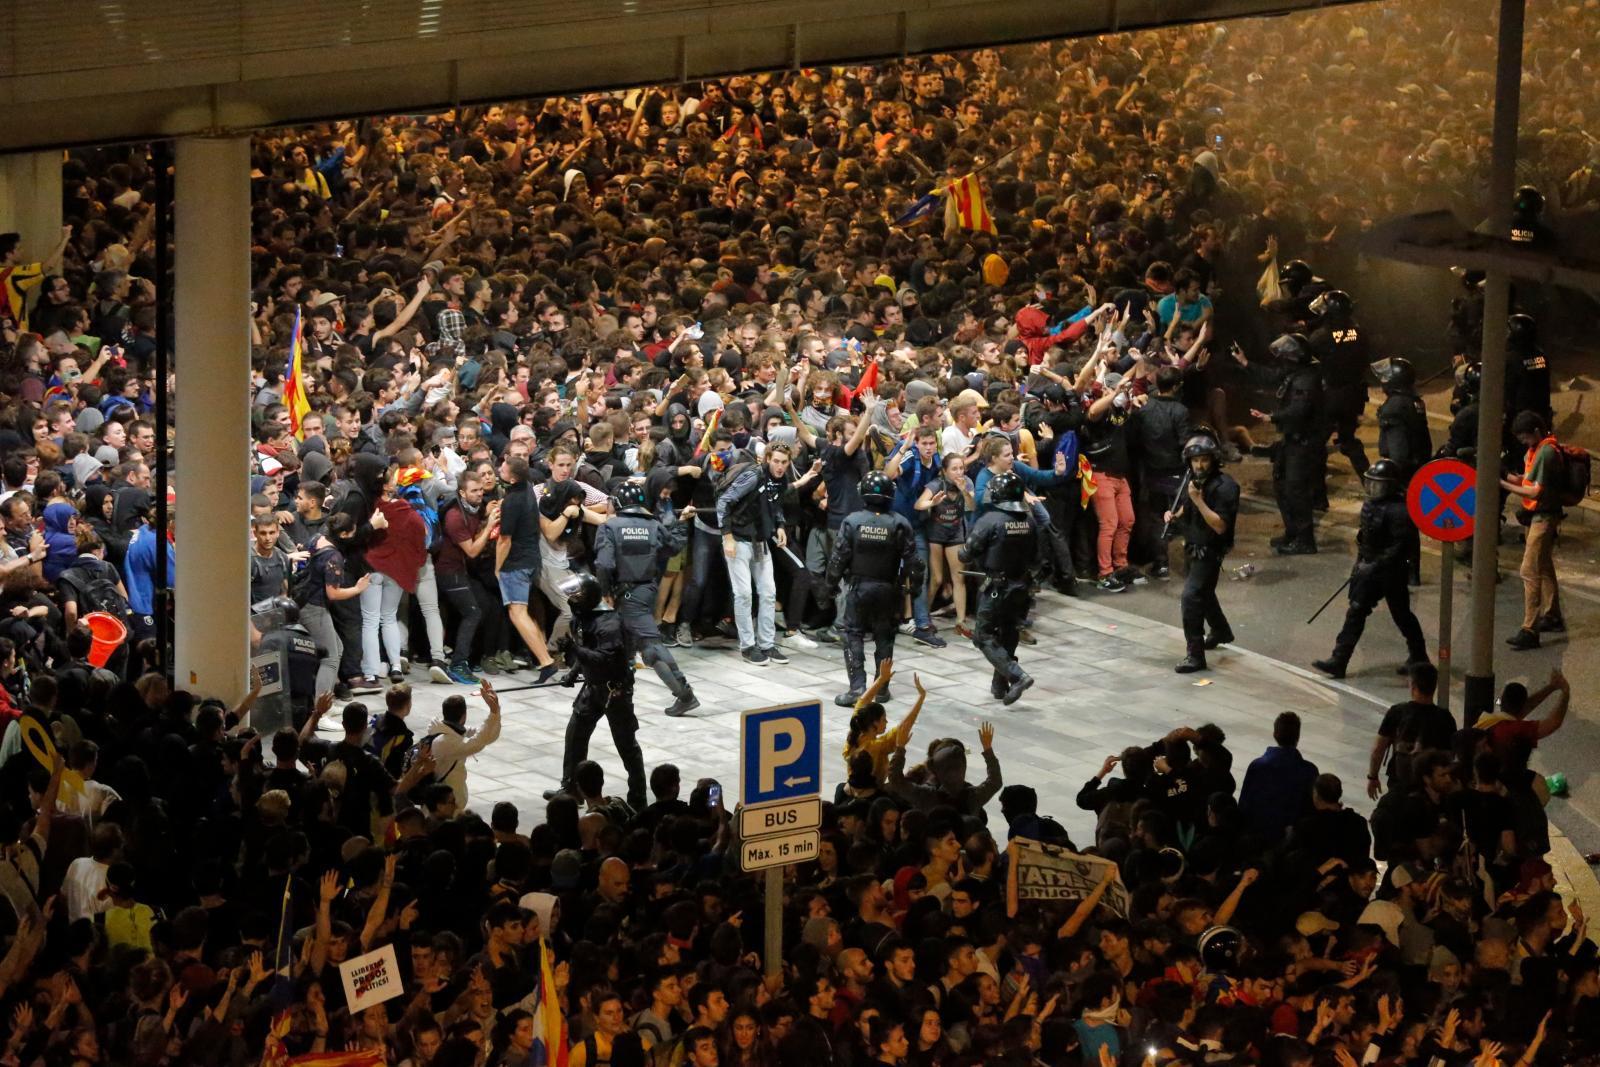 ชาวกาตาลุญญาประท้วงเดือด ศาลสเปนจำคุก 9 แกนนำเรียกร้องเอกราช